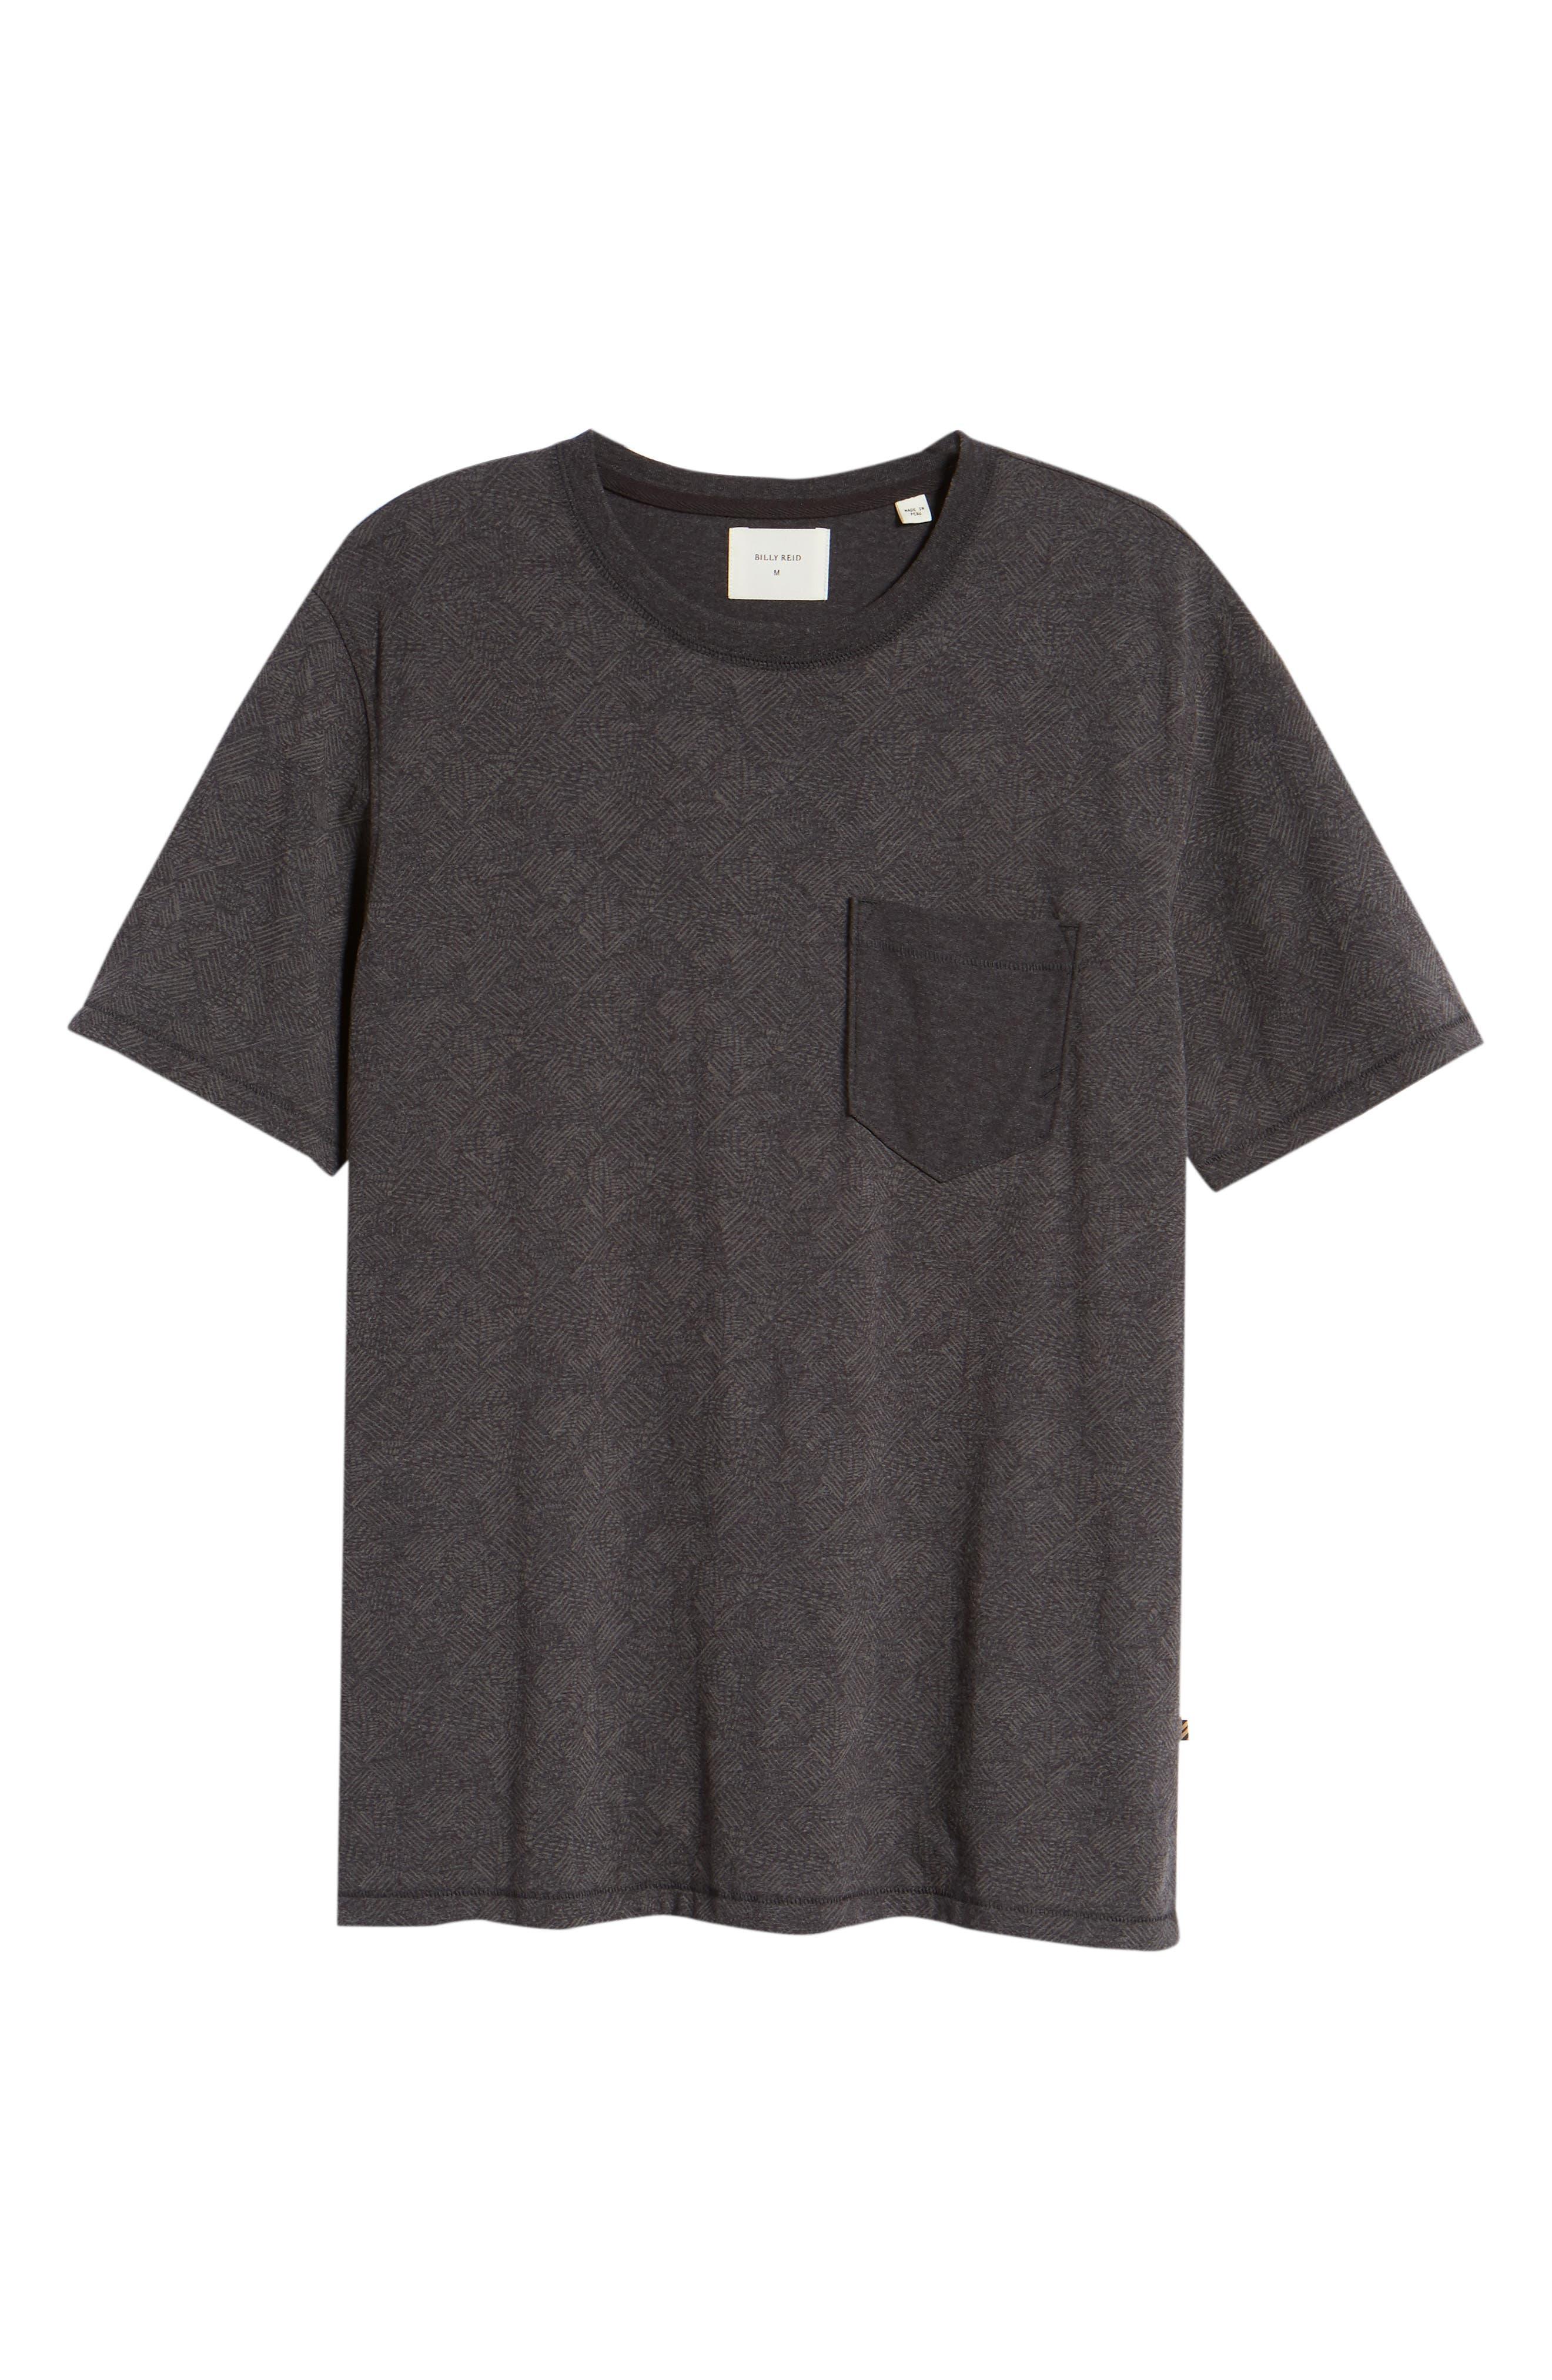 Field Line Crewneck T-Shirt,                             Alternate thumbnail 6, color,                             FIELD LINE